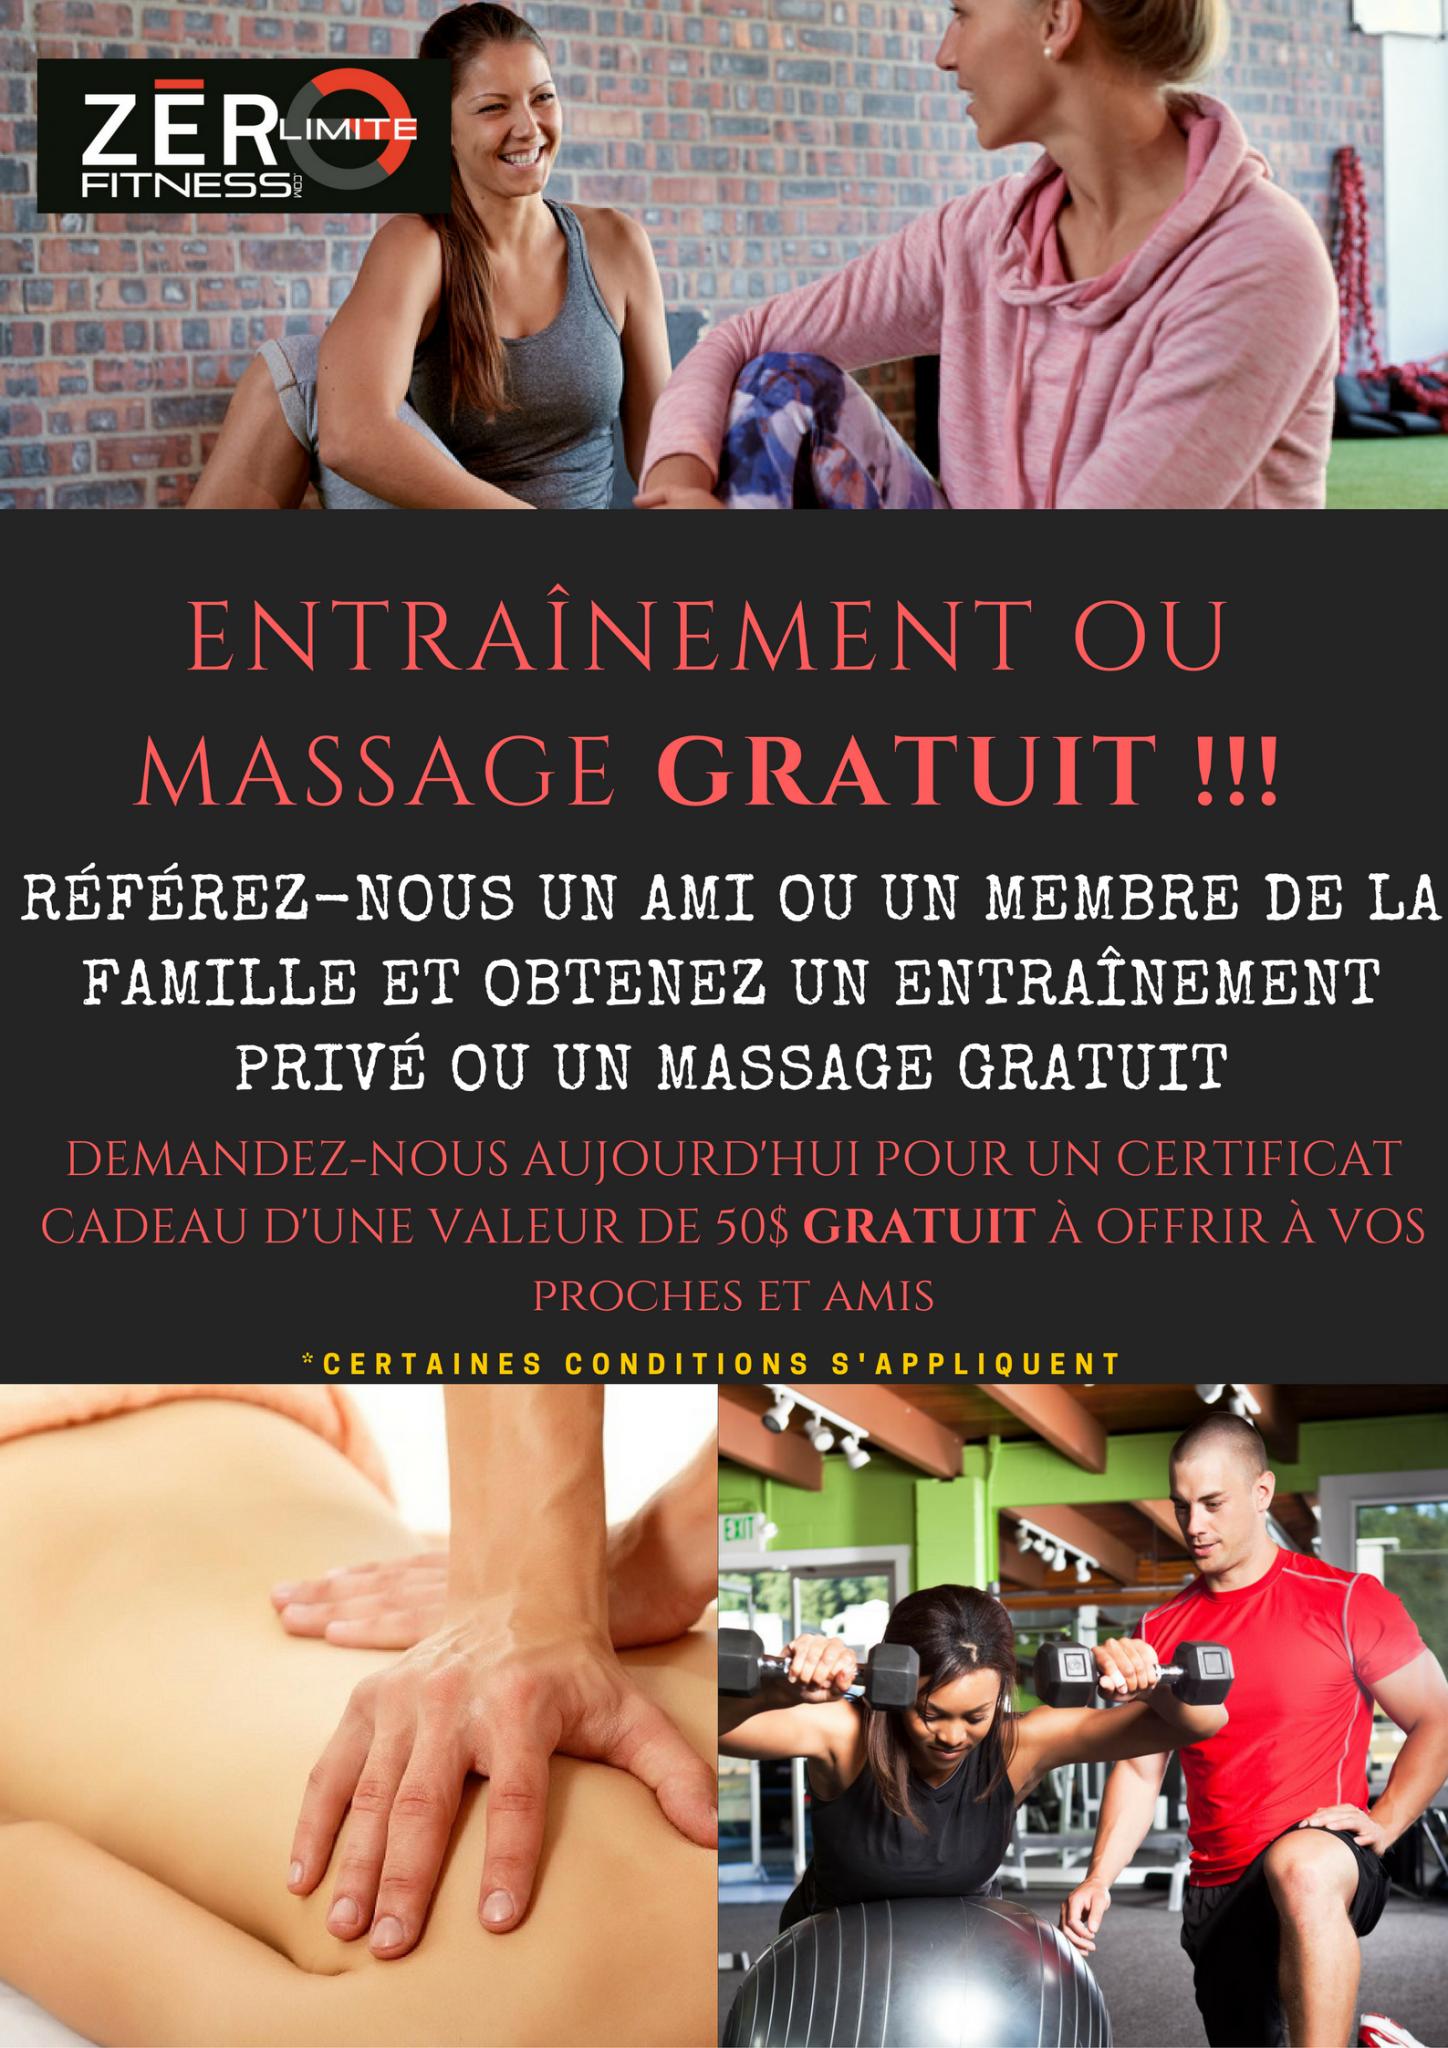 /home/zerolim2/public html/wp content/uploads/2016/09/enttrainement ou massage gratuit